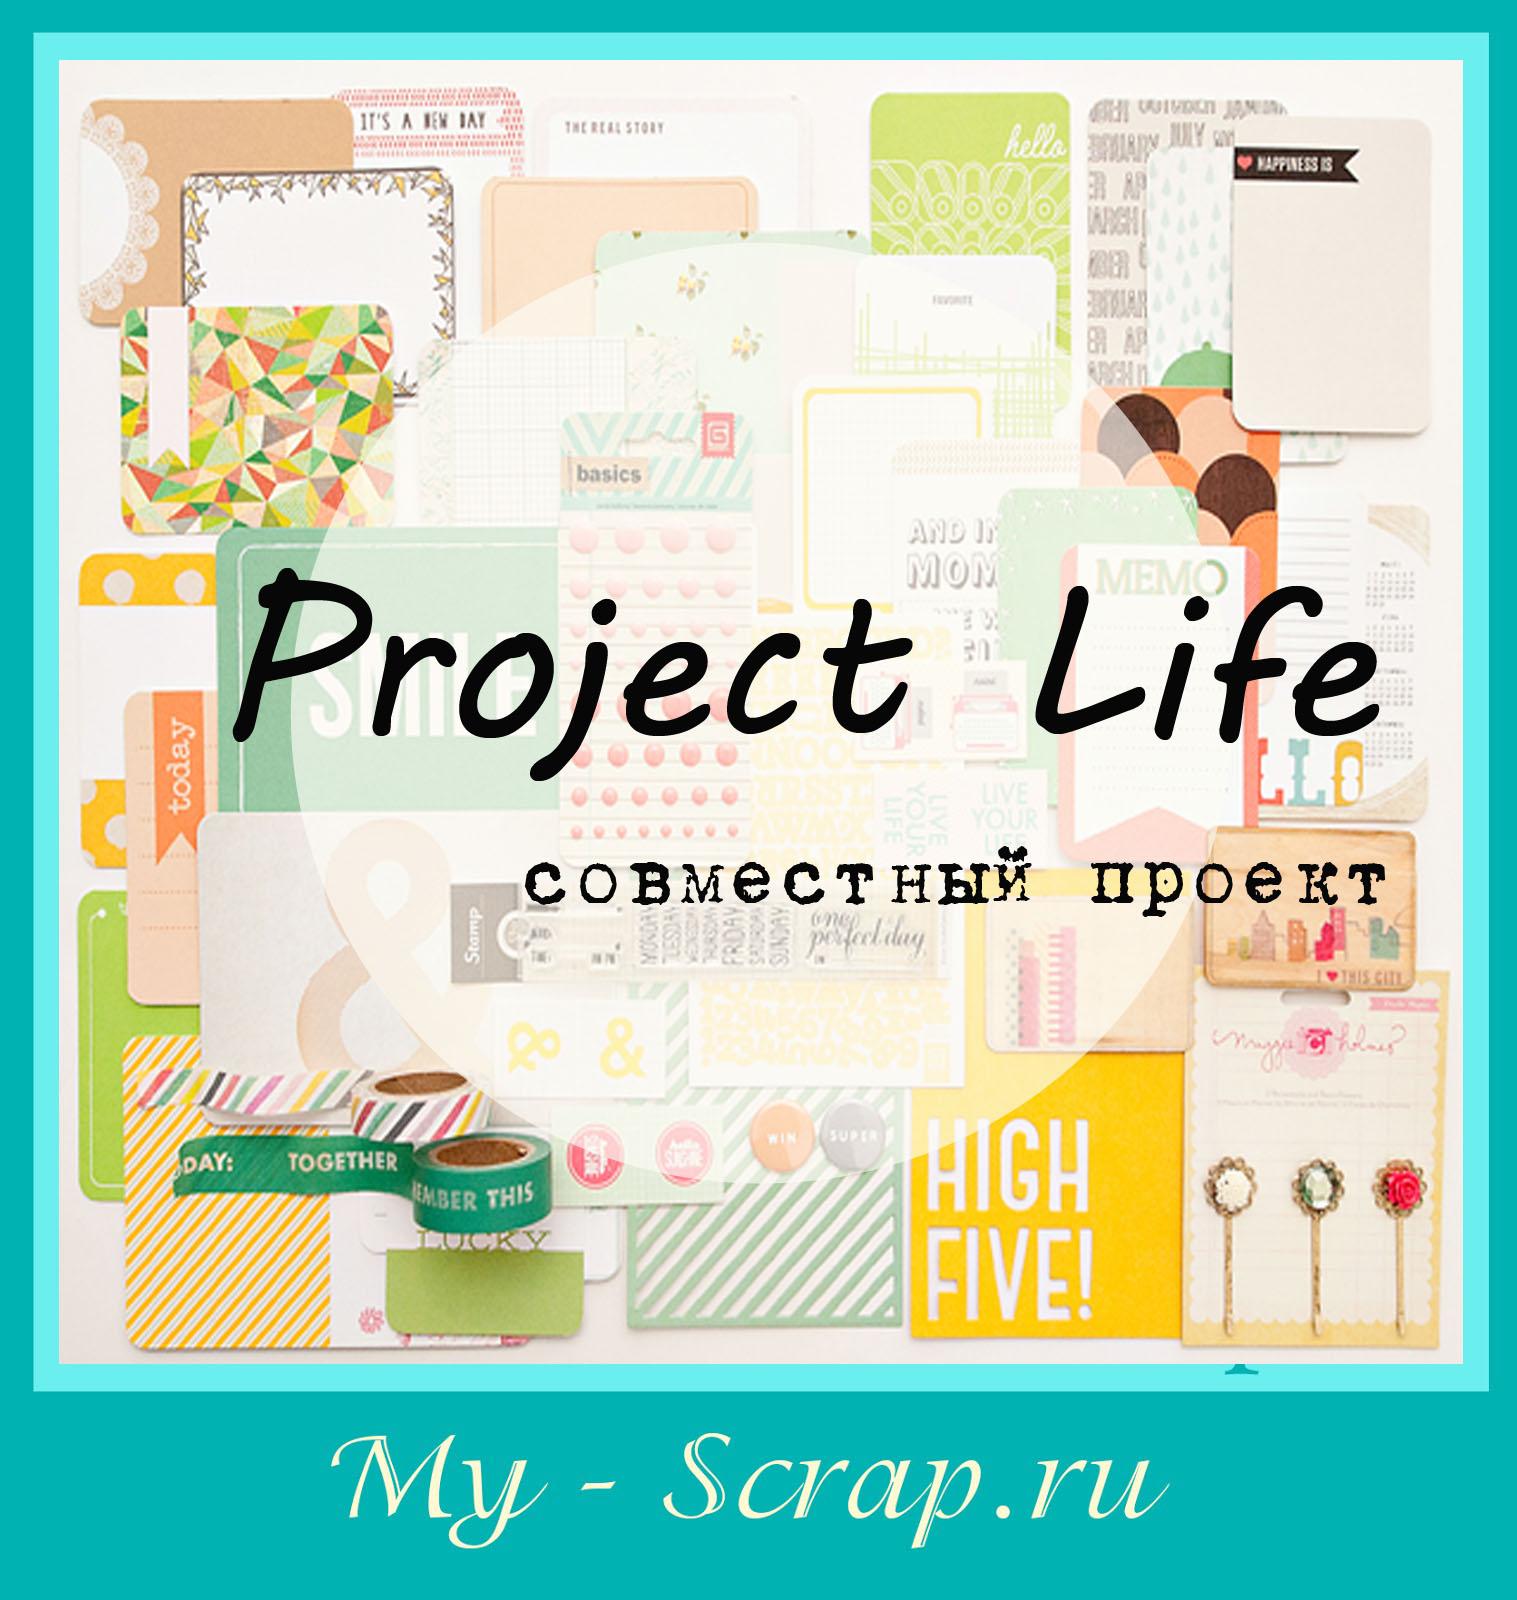 Новая рубрика Project Life!